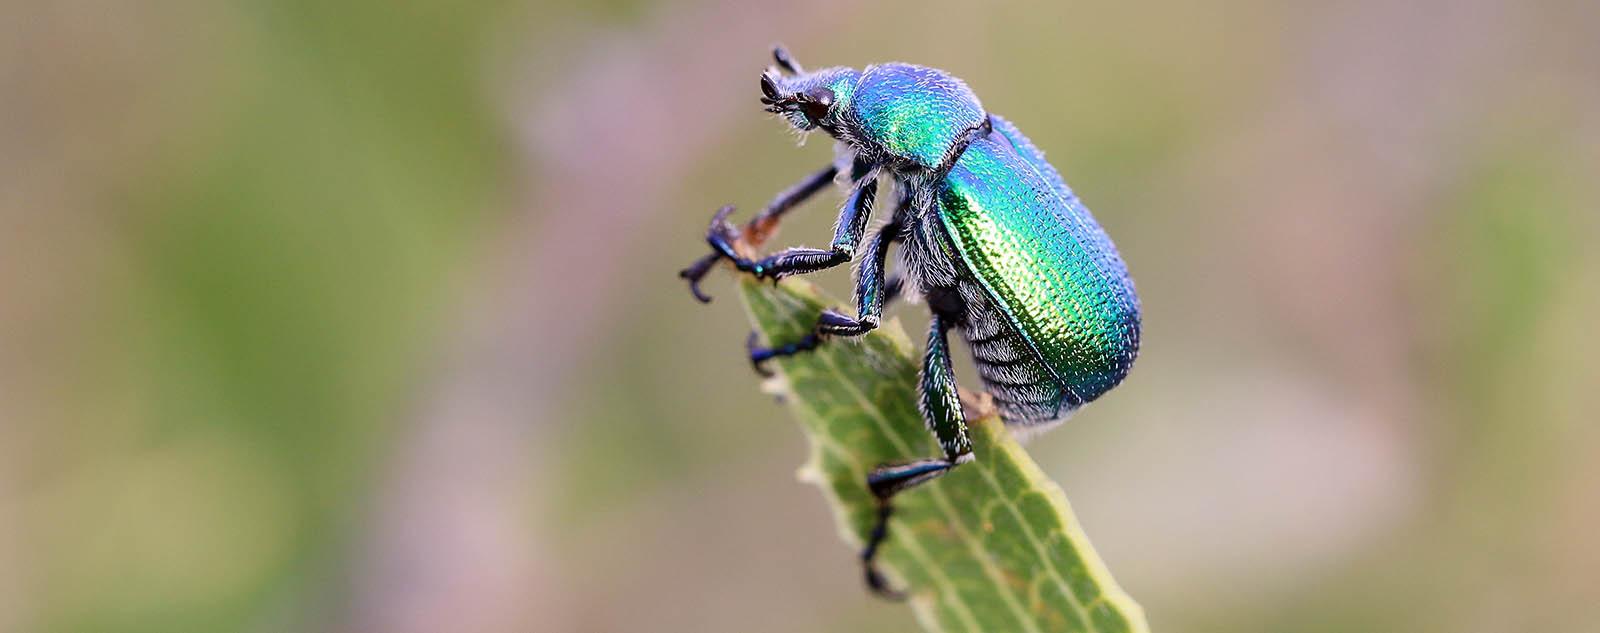 Jewel Beetle (image by Damon Ramsey)